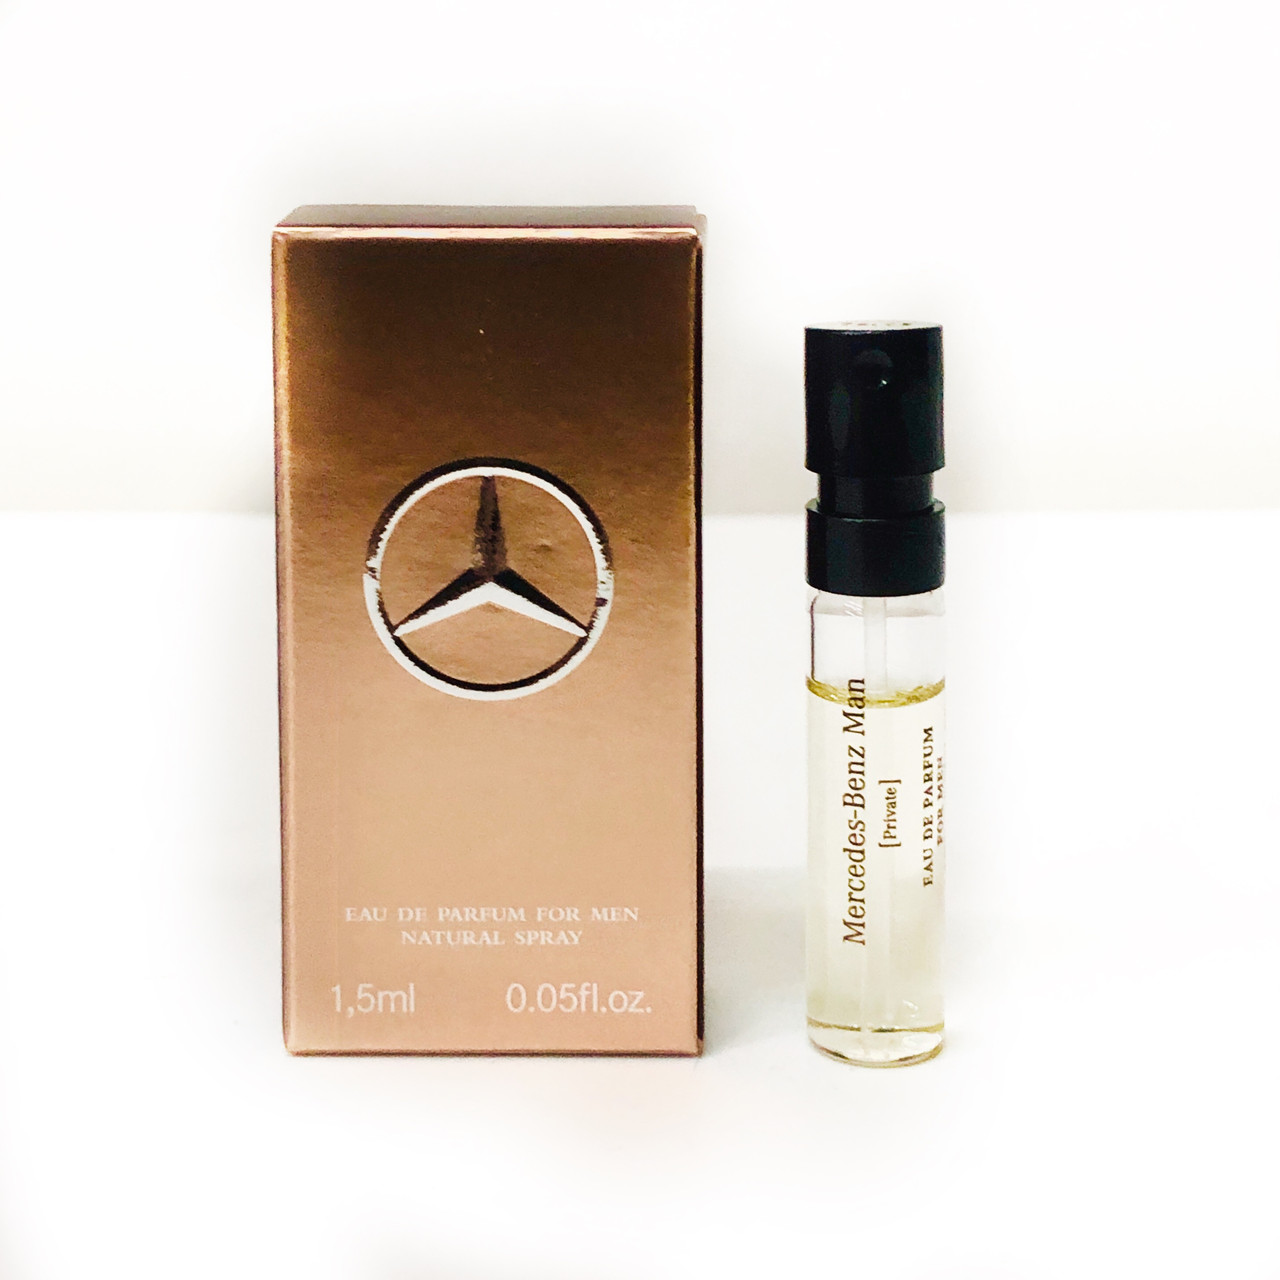 ПРОБНИК духів чоловіча парфумована вода Mercedes-Benz Man Private 1,5 ml східний деревний аромат ОРИГІНАЛ